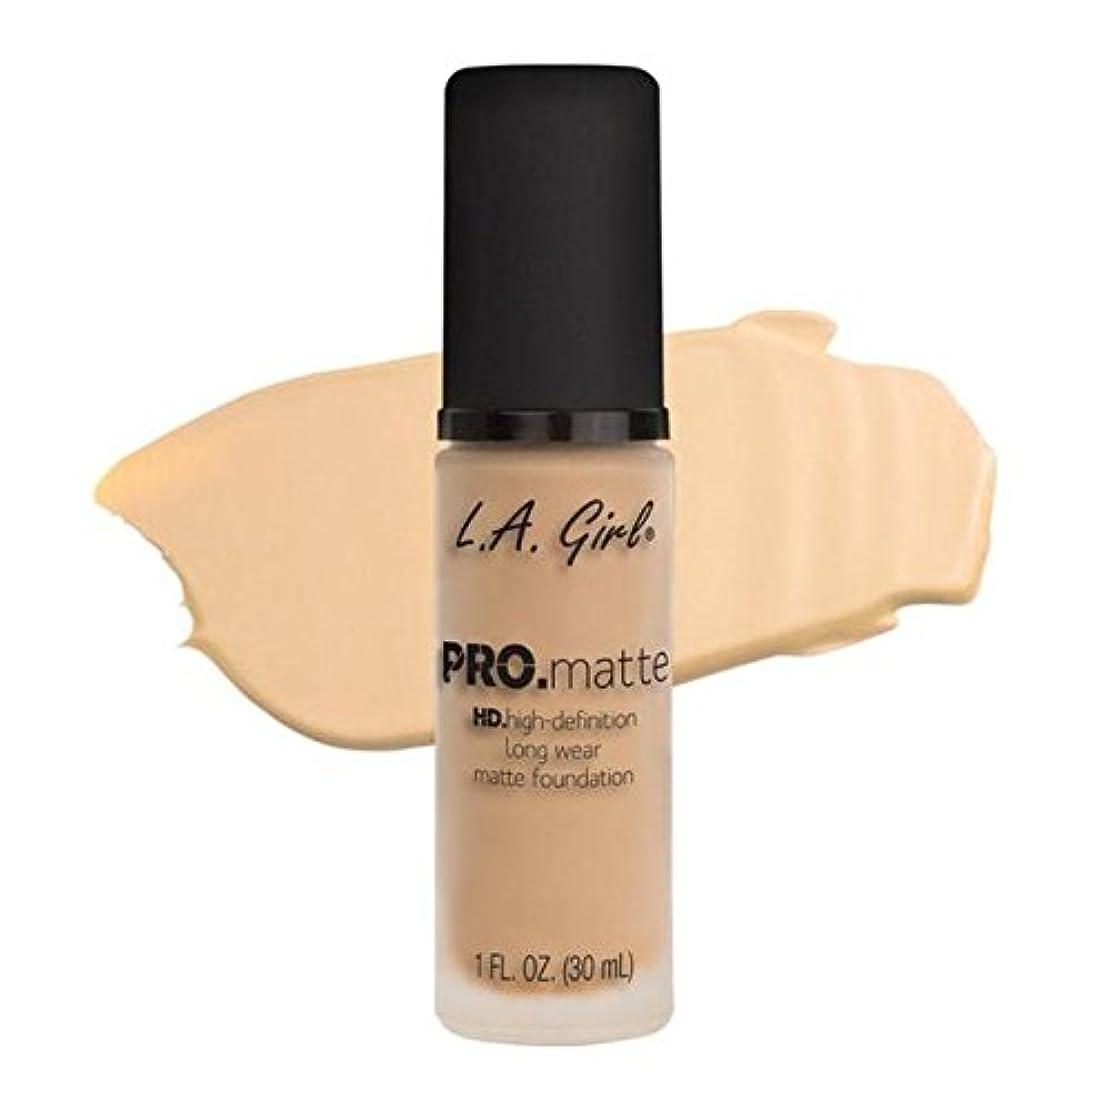 未知の精神的に強打LA Girl PRO.mattte HD.high-definition long wear matte foundation (GLM671 Ivory)